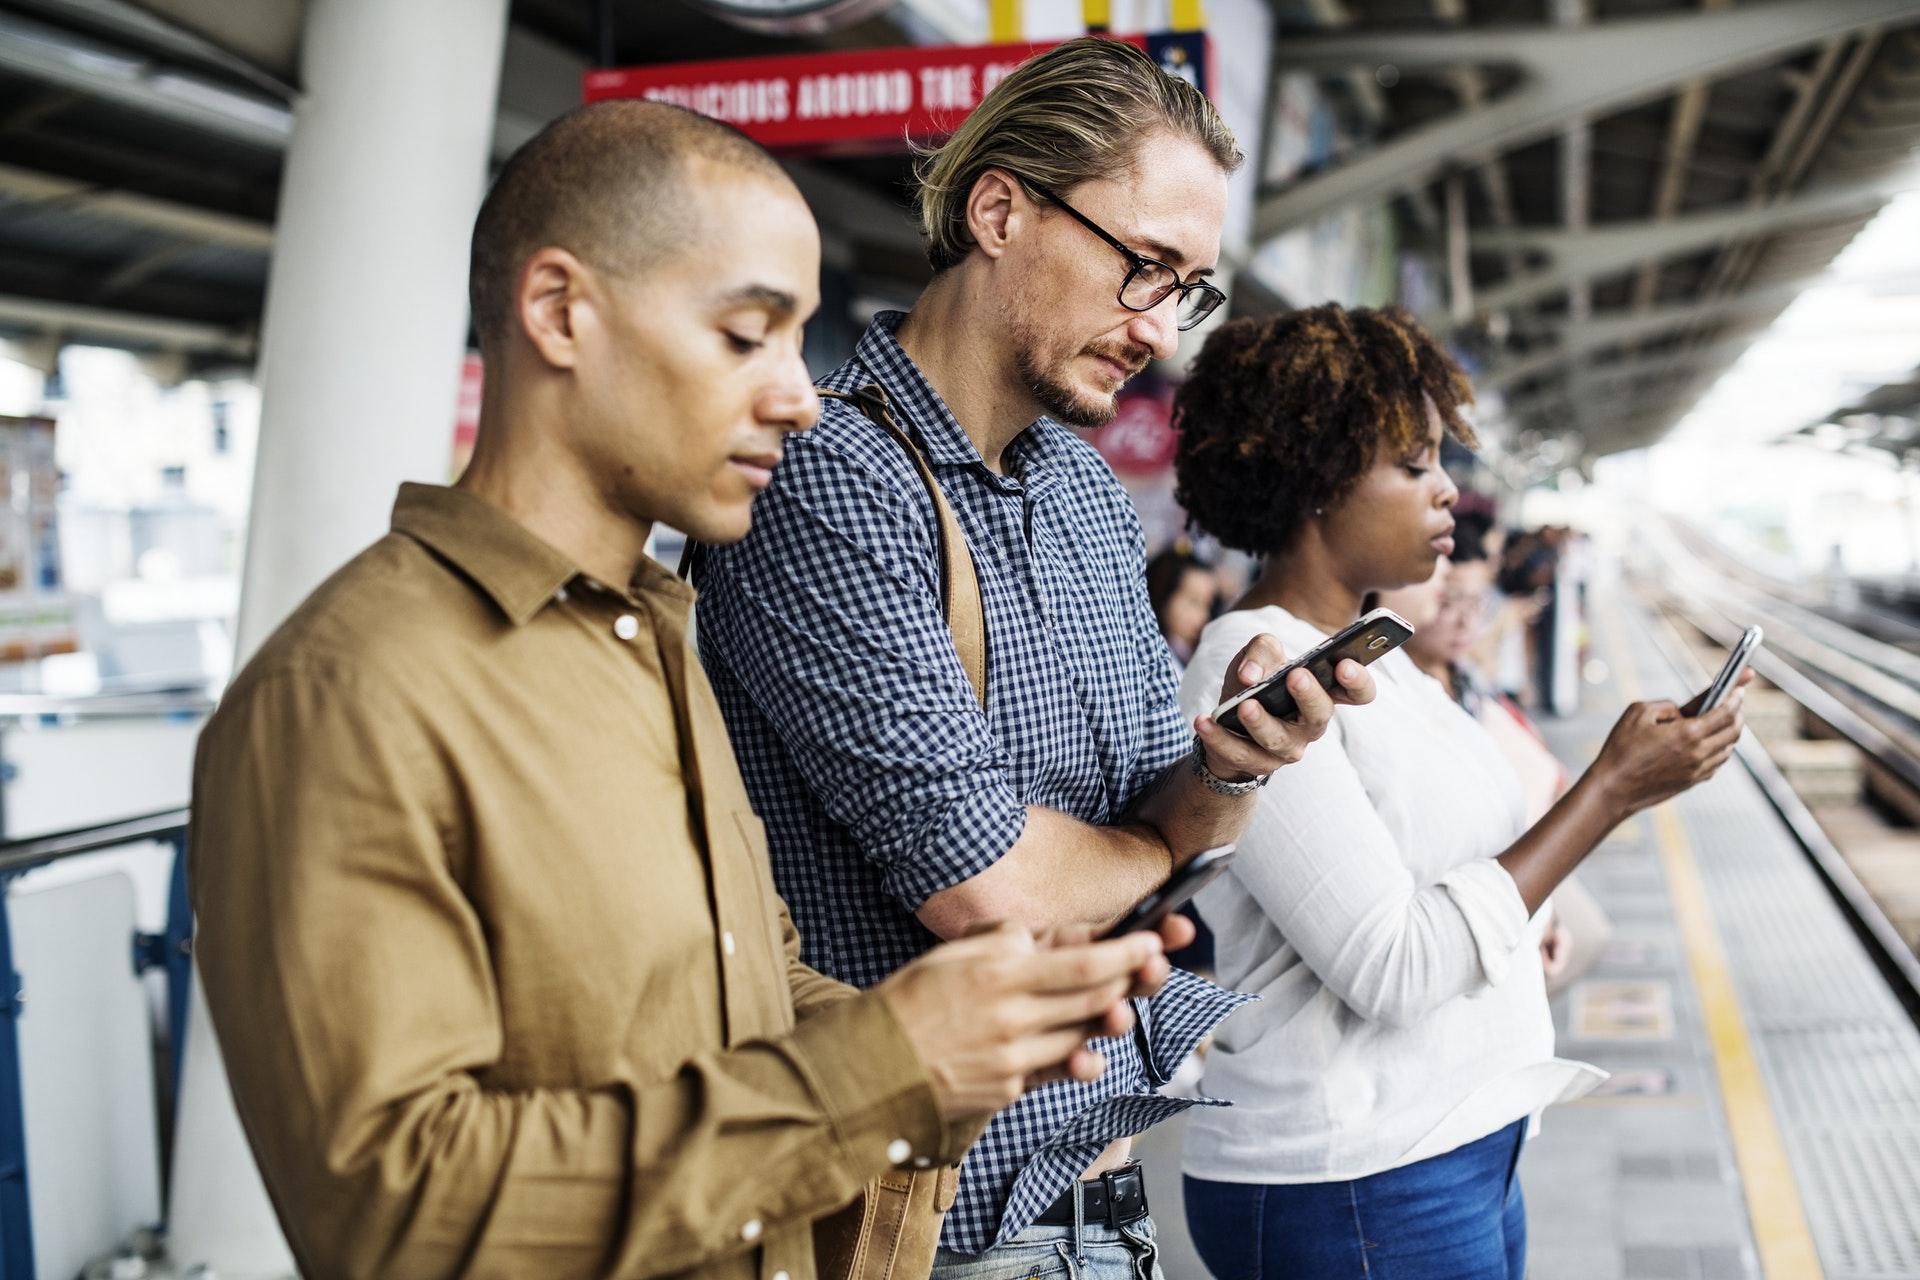 telefonlarımızdan elde edilen verilerin kullanımın etik sorunu